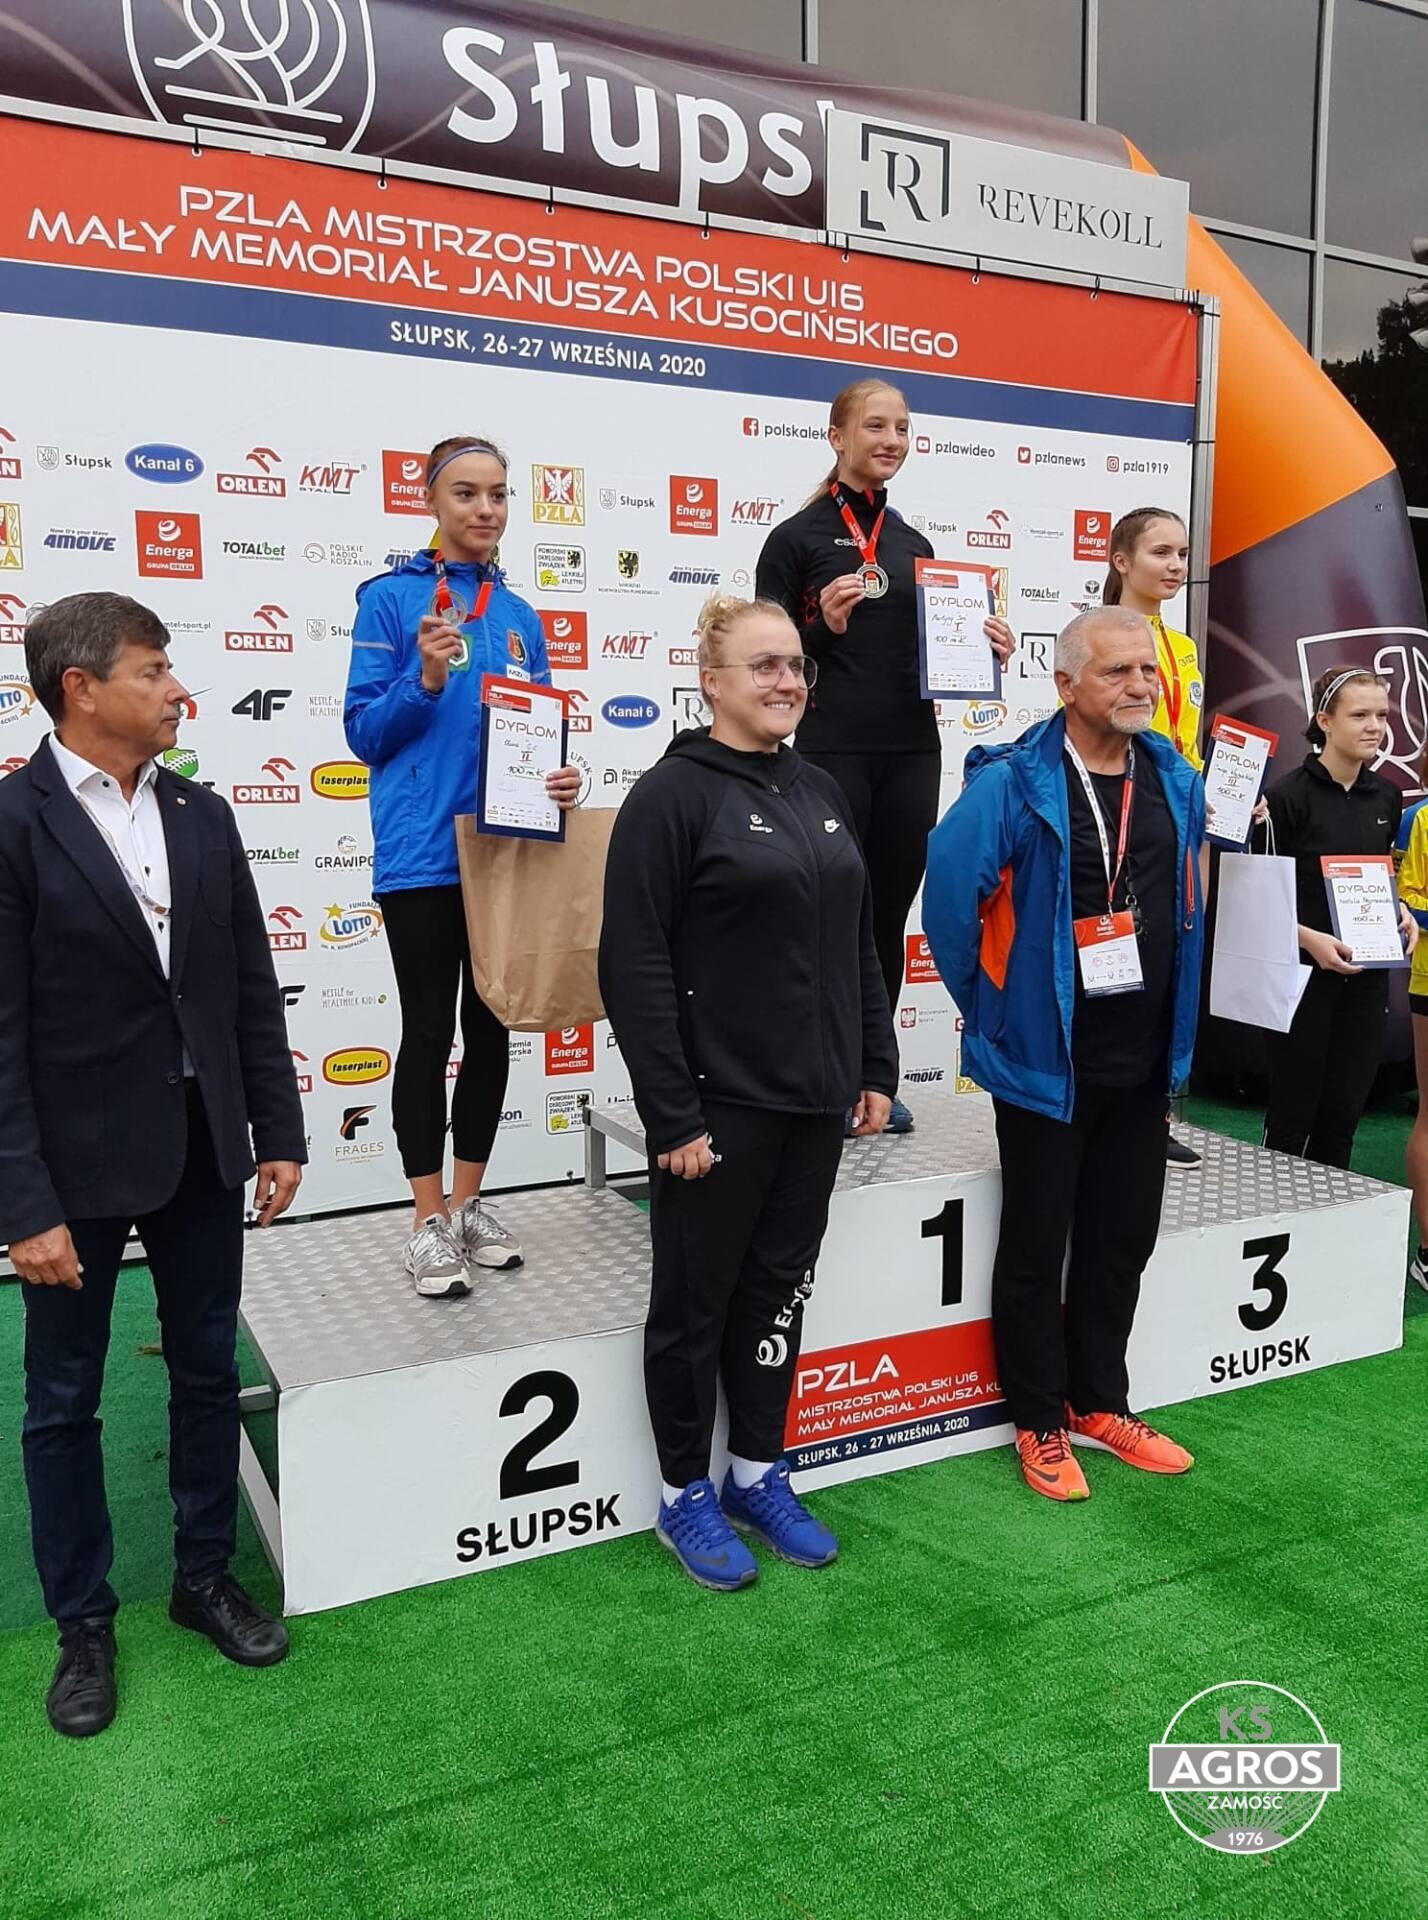 120441525 1177894359246046 9087010933655290794 n Szybka jak błyskawica. Zamojska sprinterka - Martyna Seń pobiła rekord Polski!